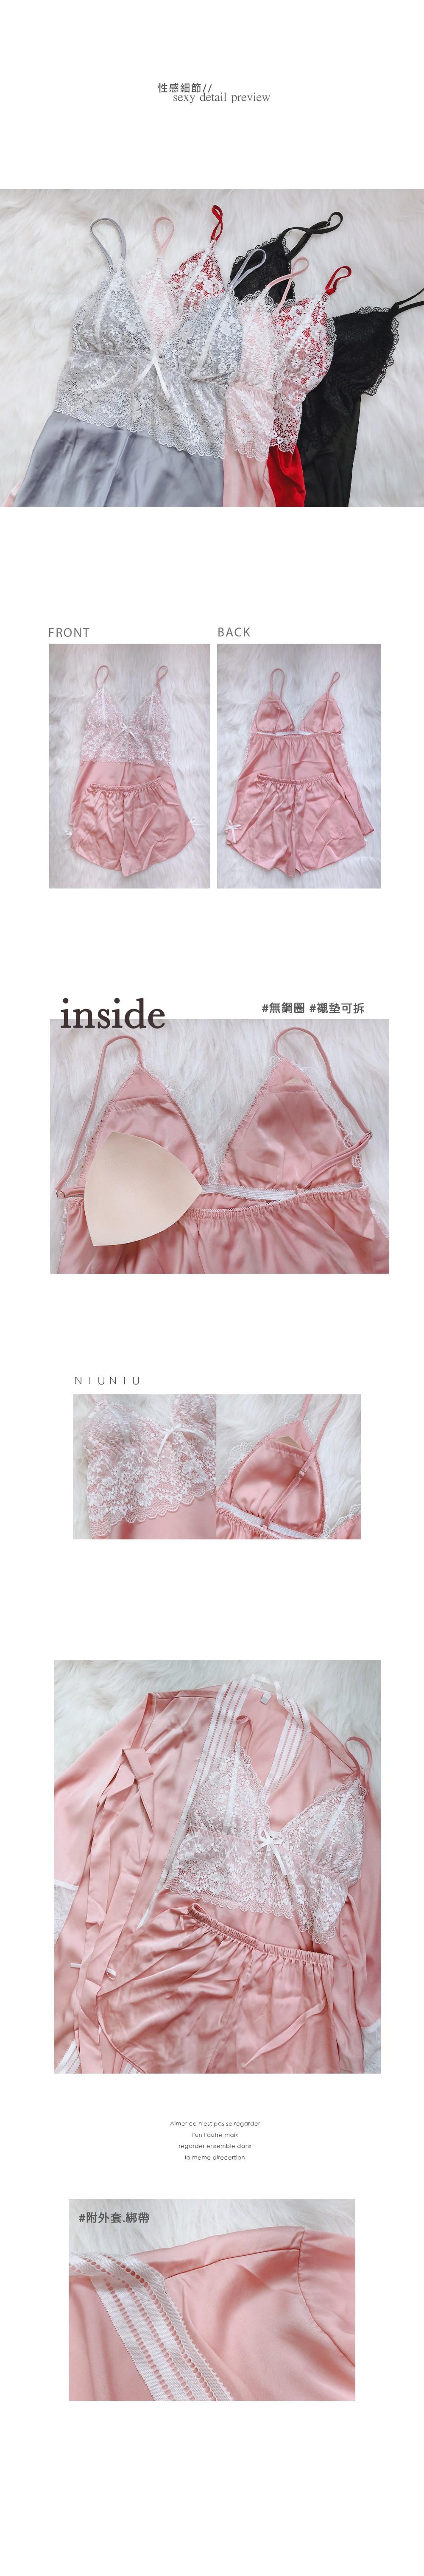 帶罩杯拼色蕾絲三件式睡衣套裝 4色